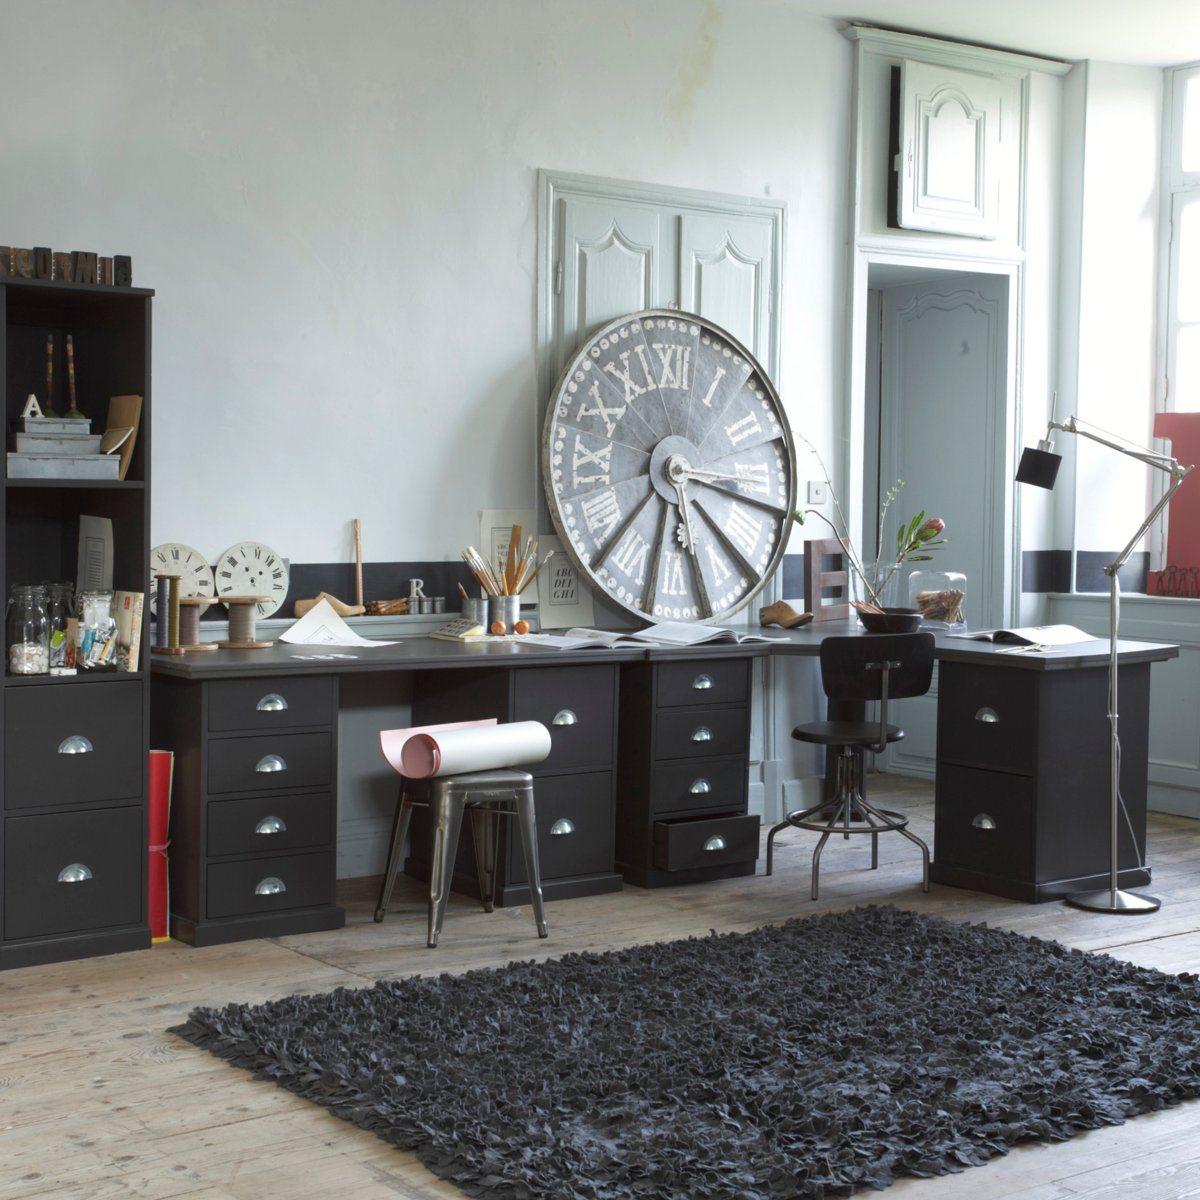 d co industrielle pour ce bureau atelier domin par une grande horloge r tro dekobook. Black Bedroom Furniture Sets. Home Design Ideas